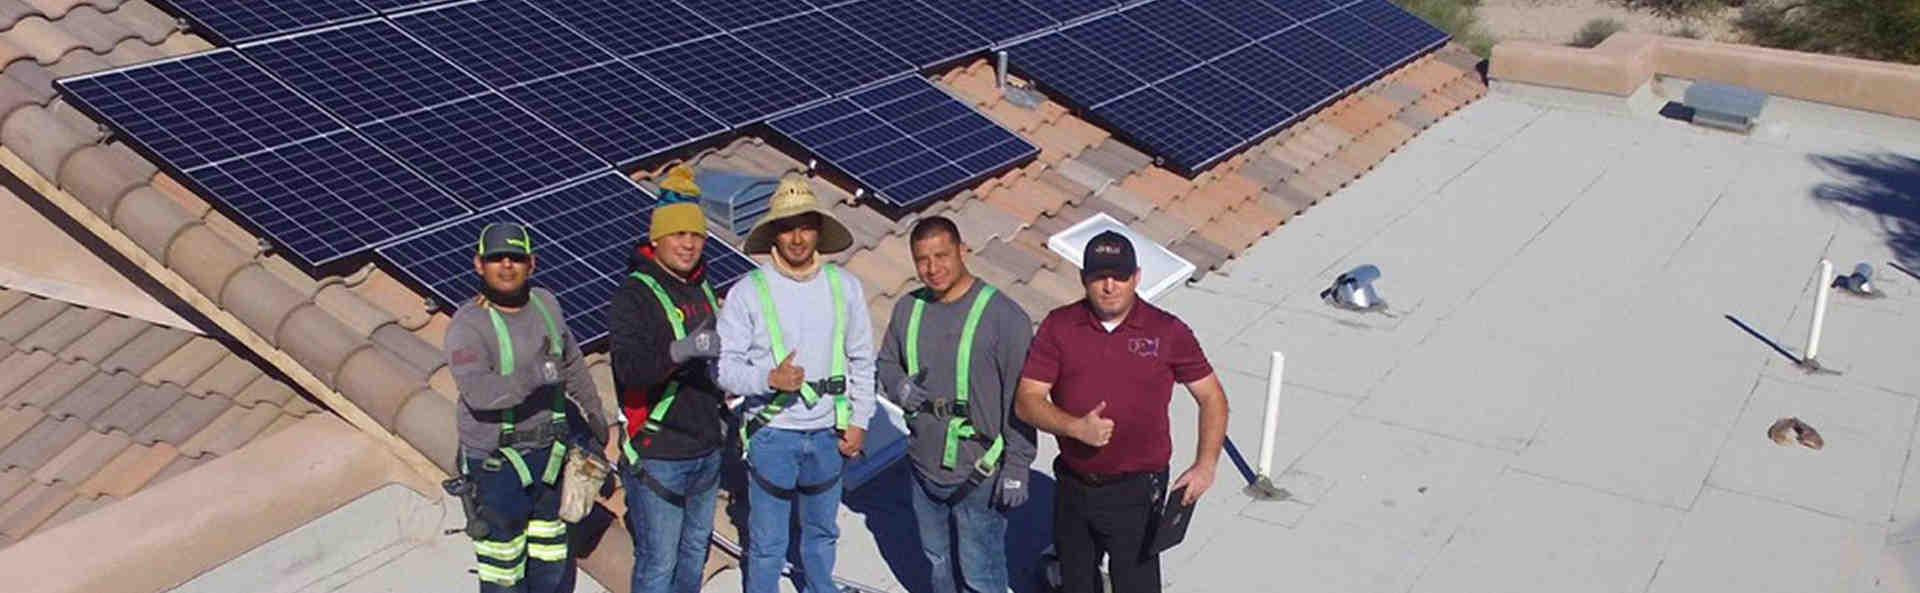 Who took over ASD solar?